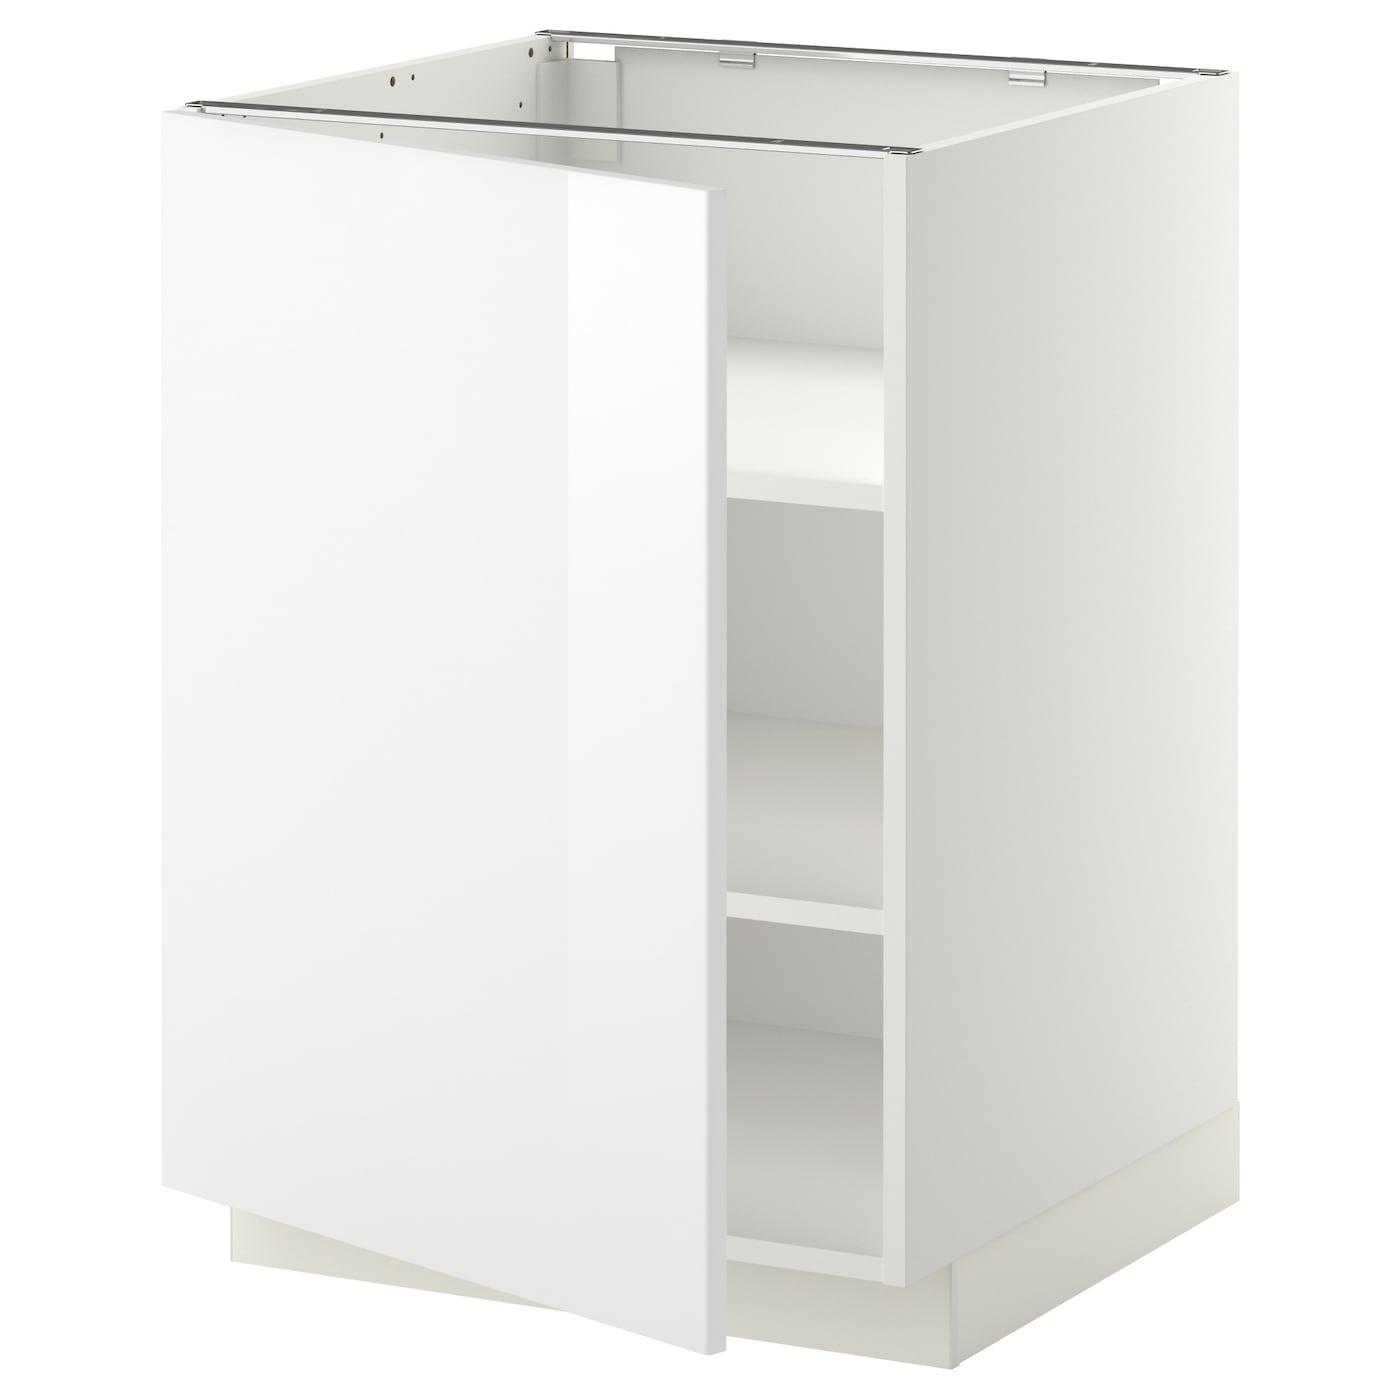 Armarios de Cocina | Compra Online IKEA